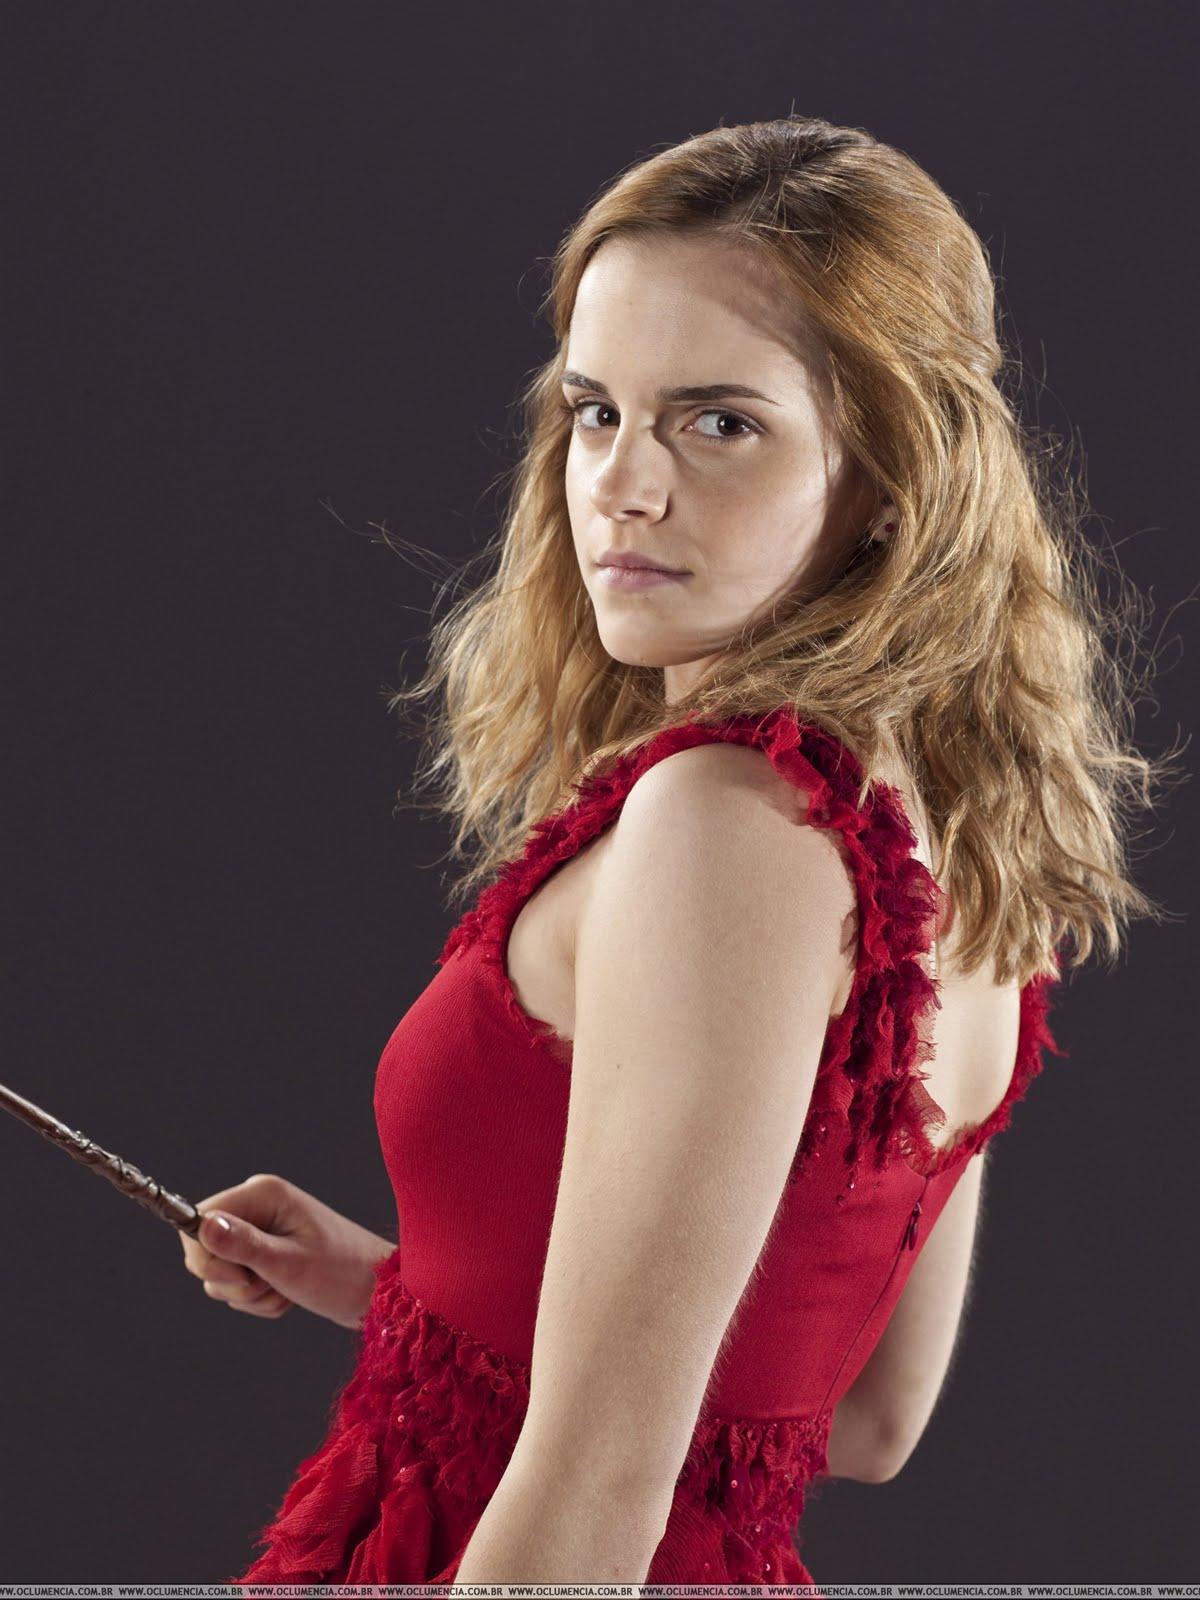 Emma hot watson hermione granger